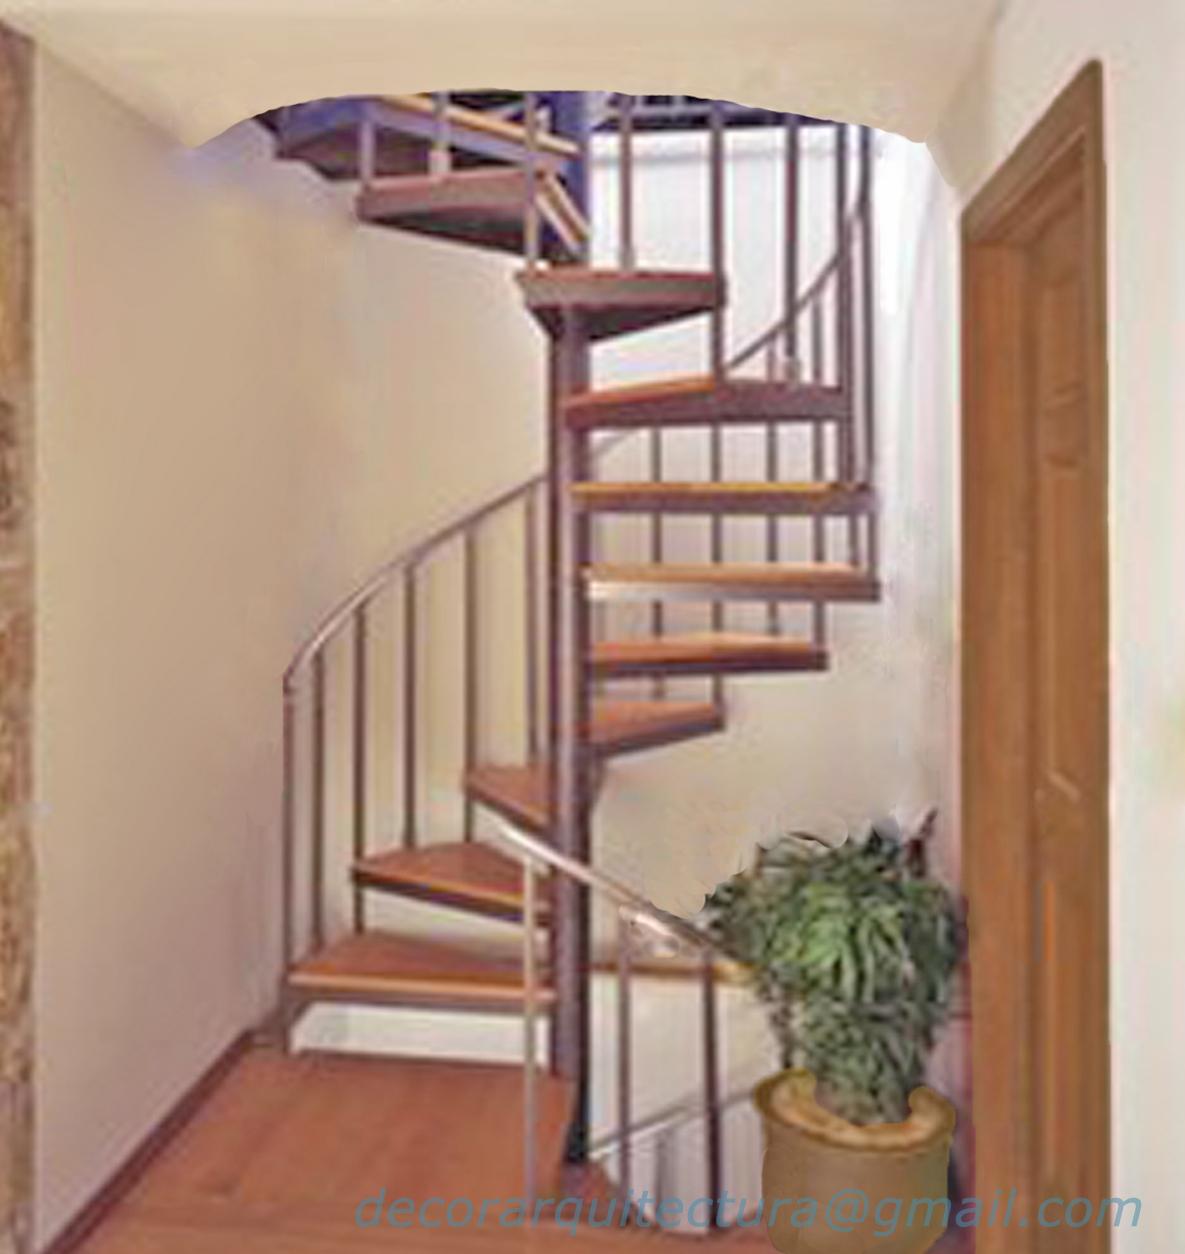 Decoración y Arquitectura: Escaleras de Caracol- Spiral Stairs.